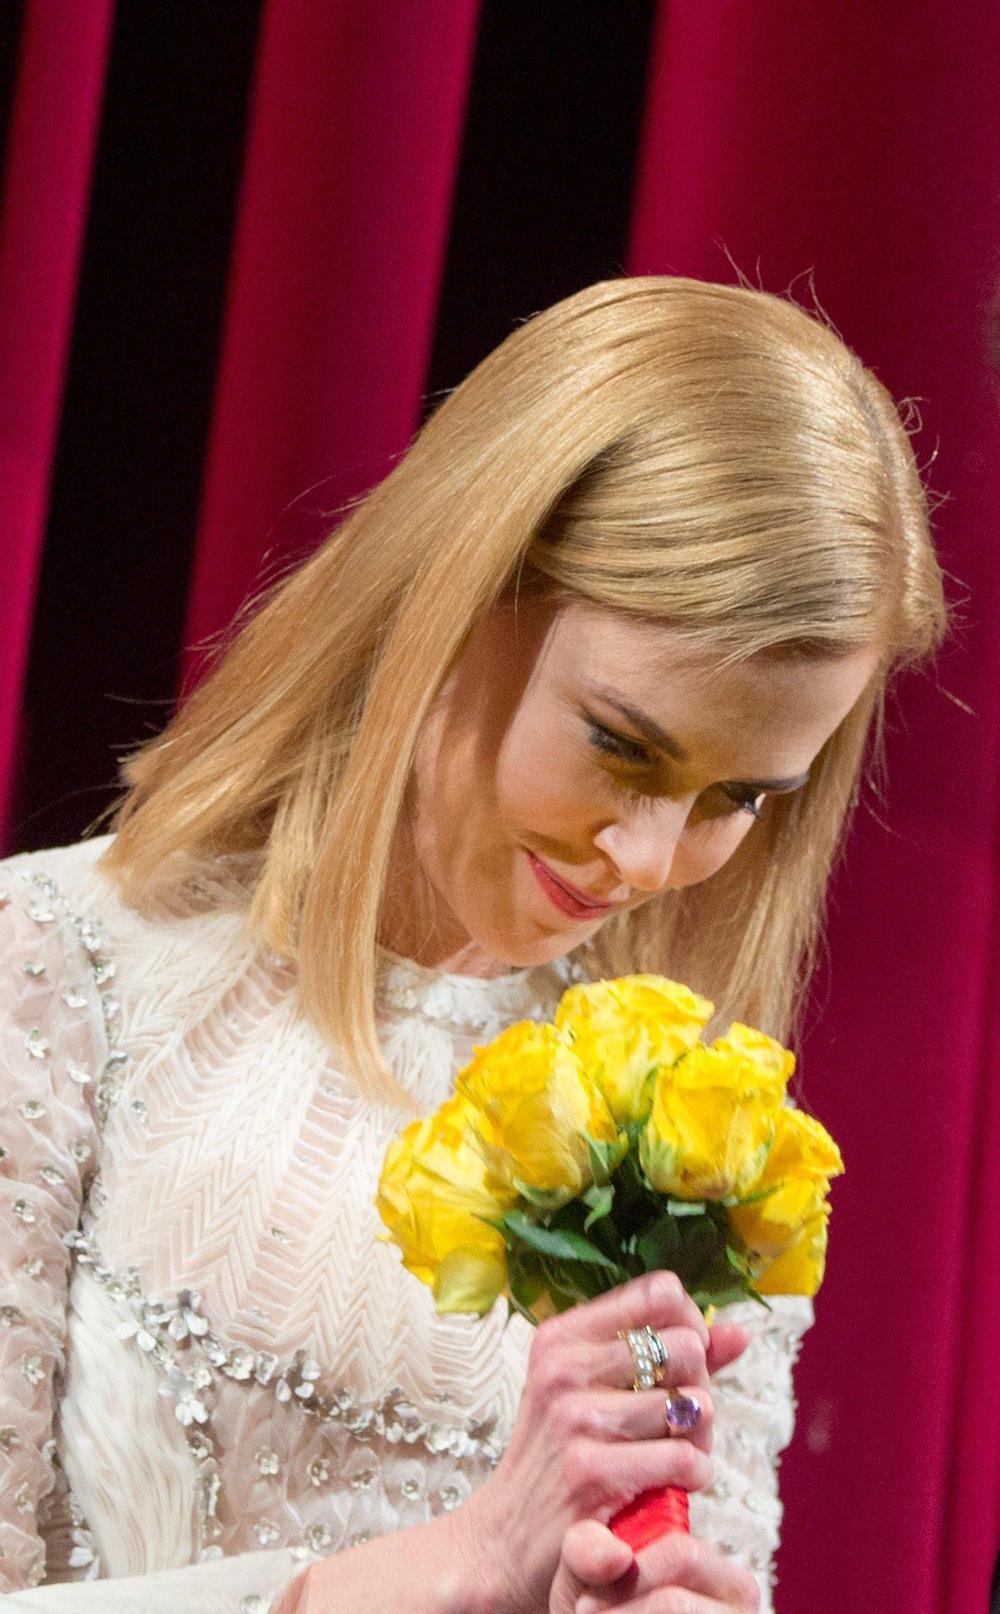 In foto Nicole Kidman (54 anni) Dall'articolo: Berlinale 2015, applausi per Nicole Kidman.